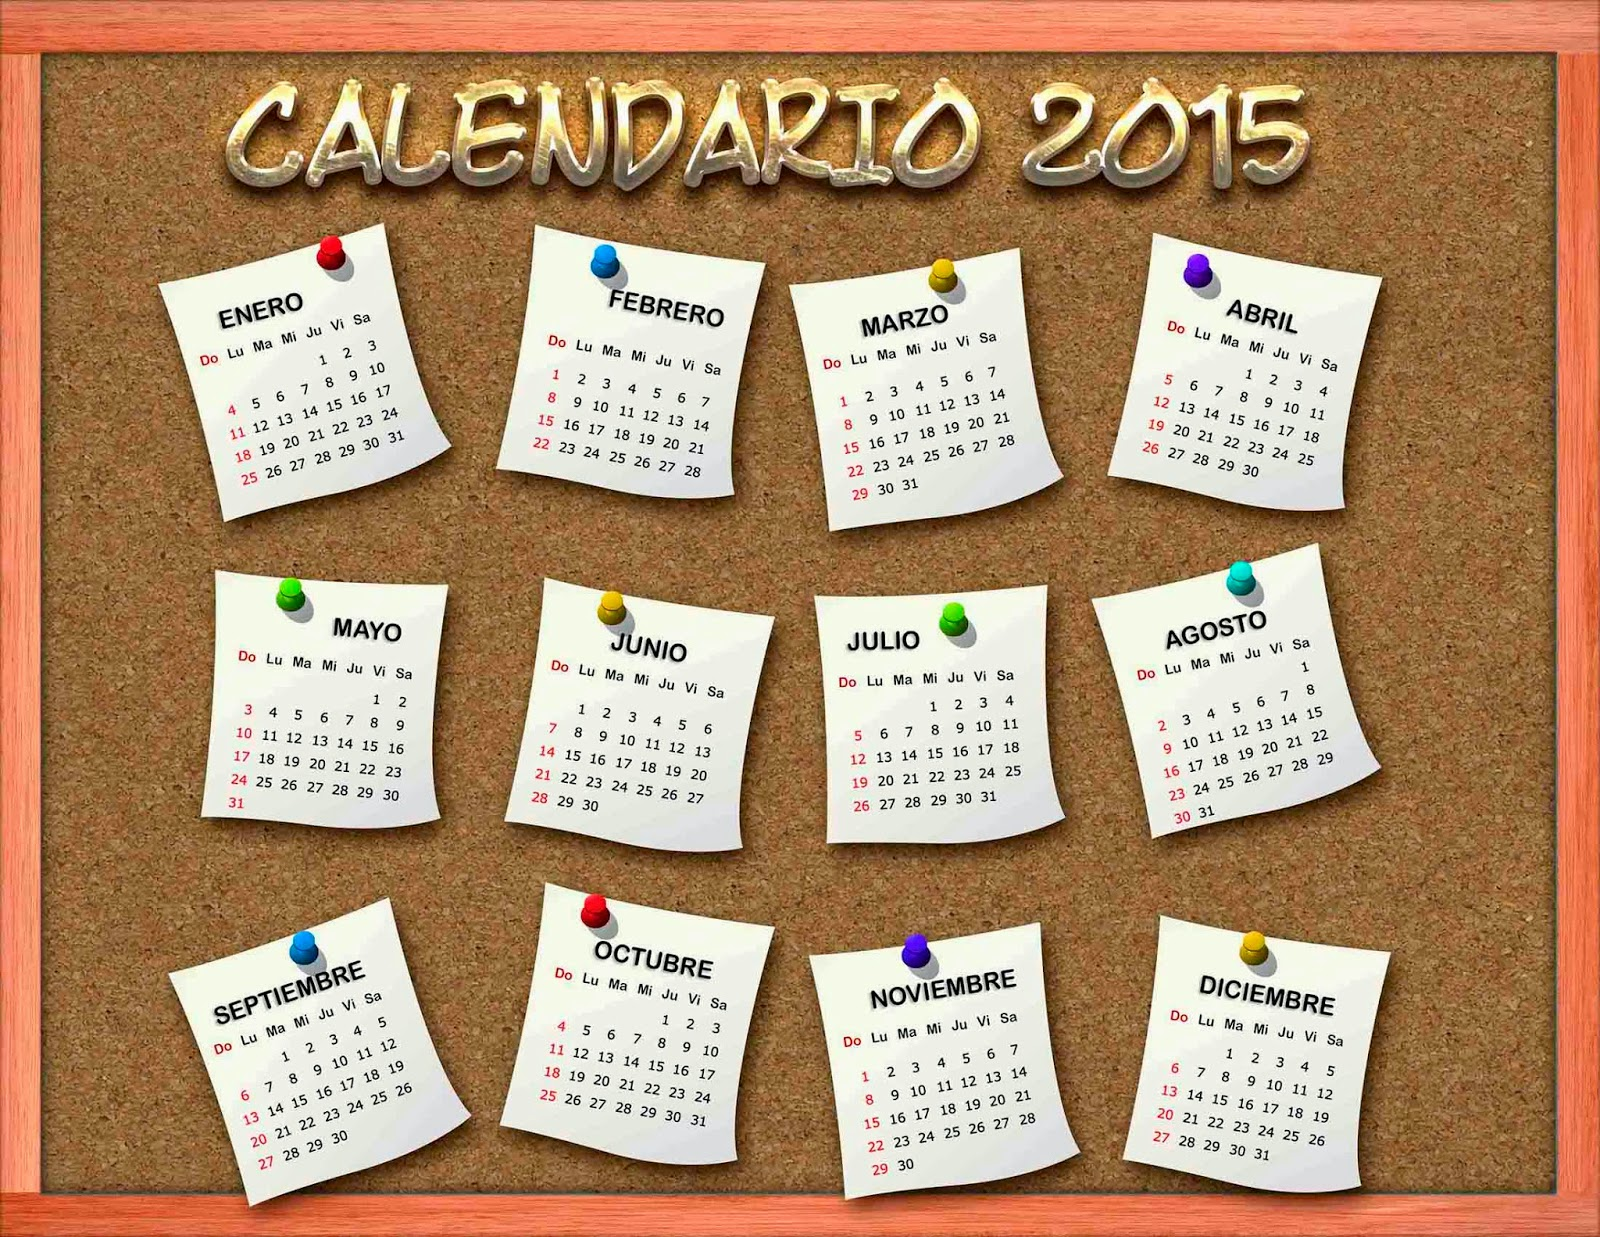 Pizarra de corcho con hojitas de papel y calendario 2015